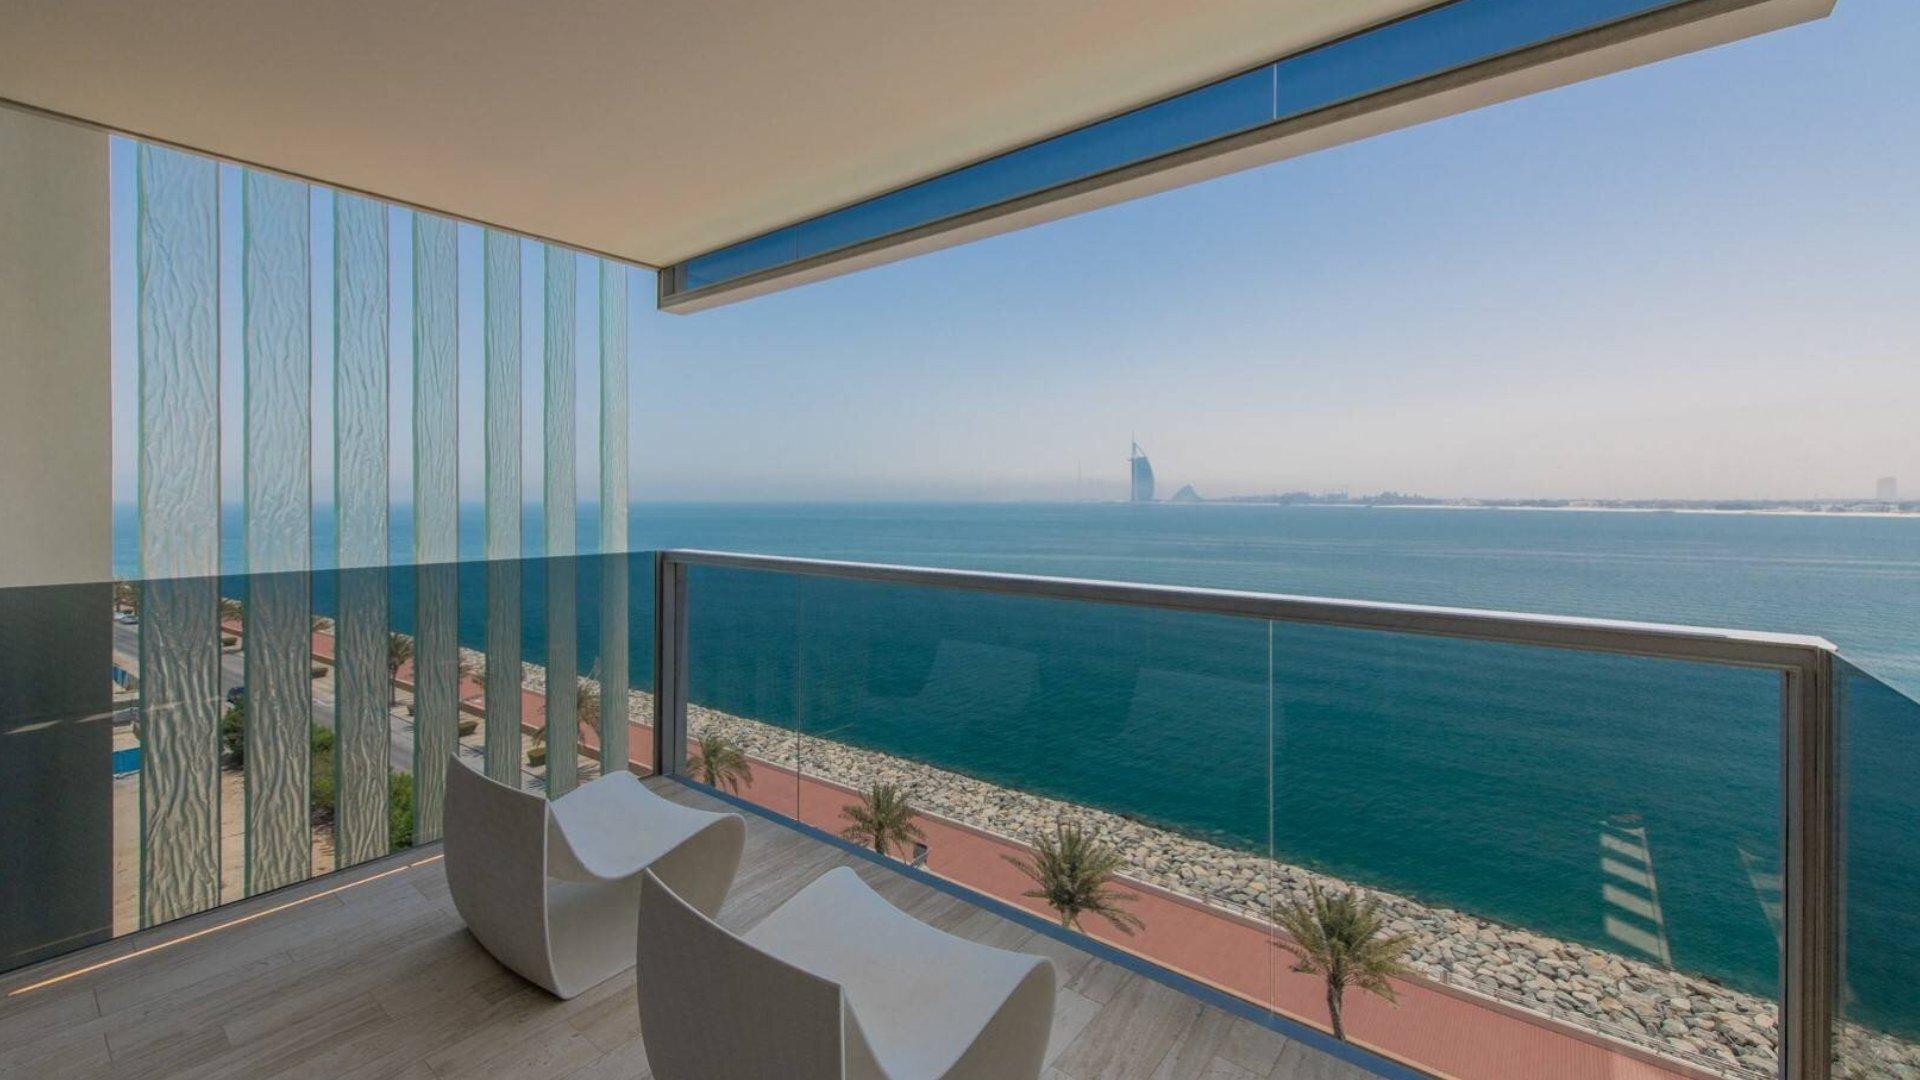 Ático en venta en Dubai, EAU, 5 dormitorios, 673 m2, № 24477 – foto 3